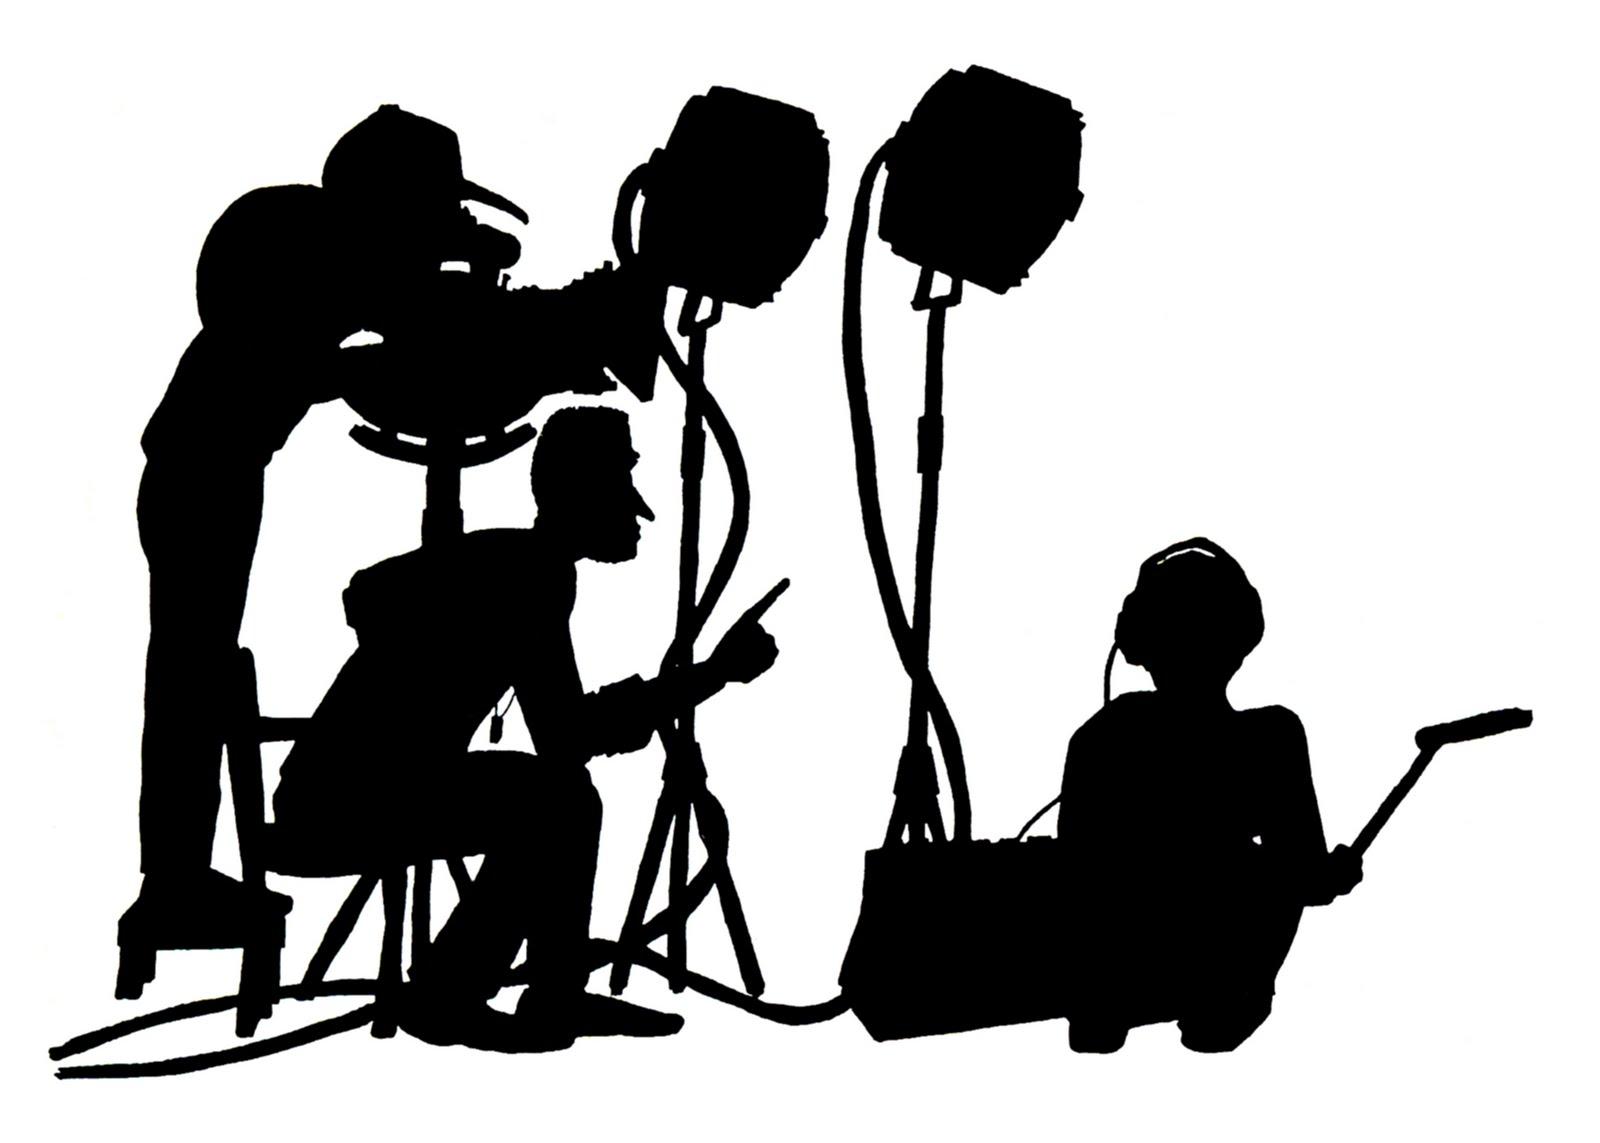 Film crew clipart.